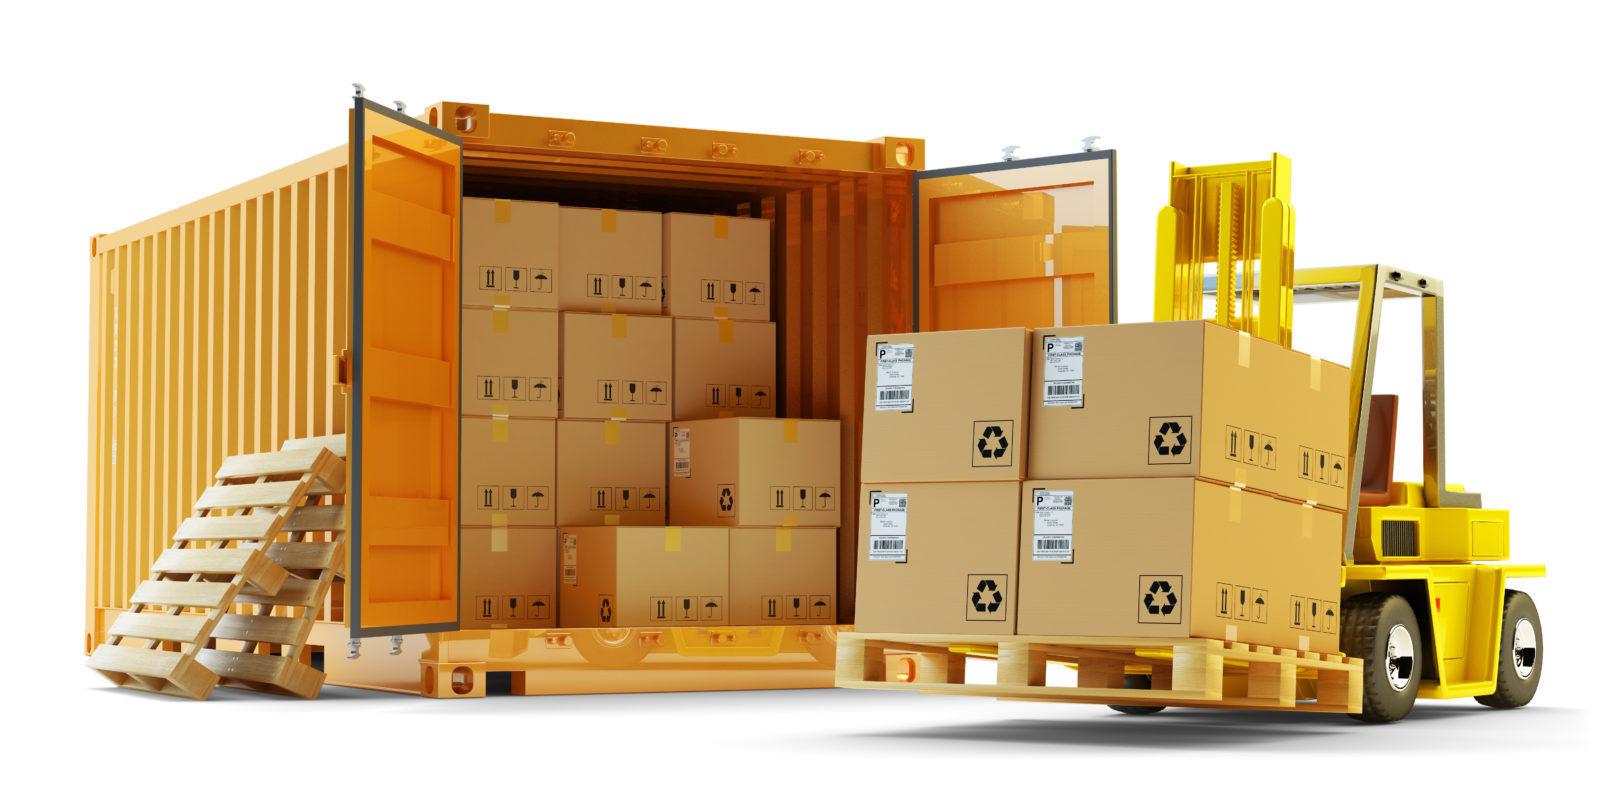 Аренда контейнера под склад 40 фут или 30 м2 в Москве!